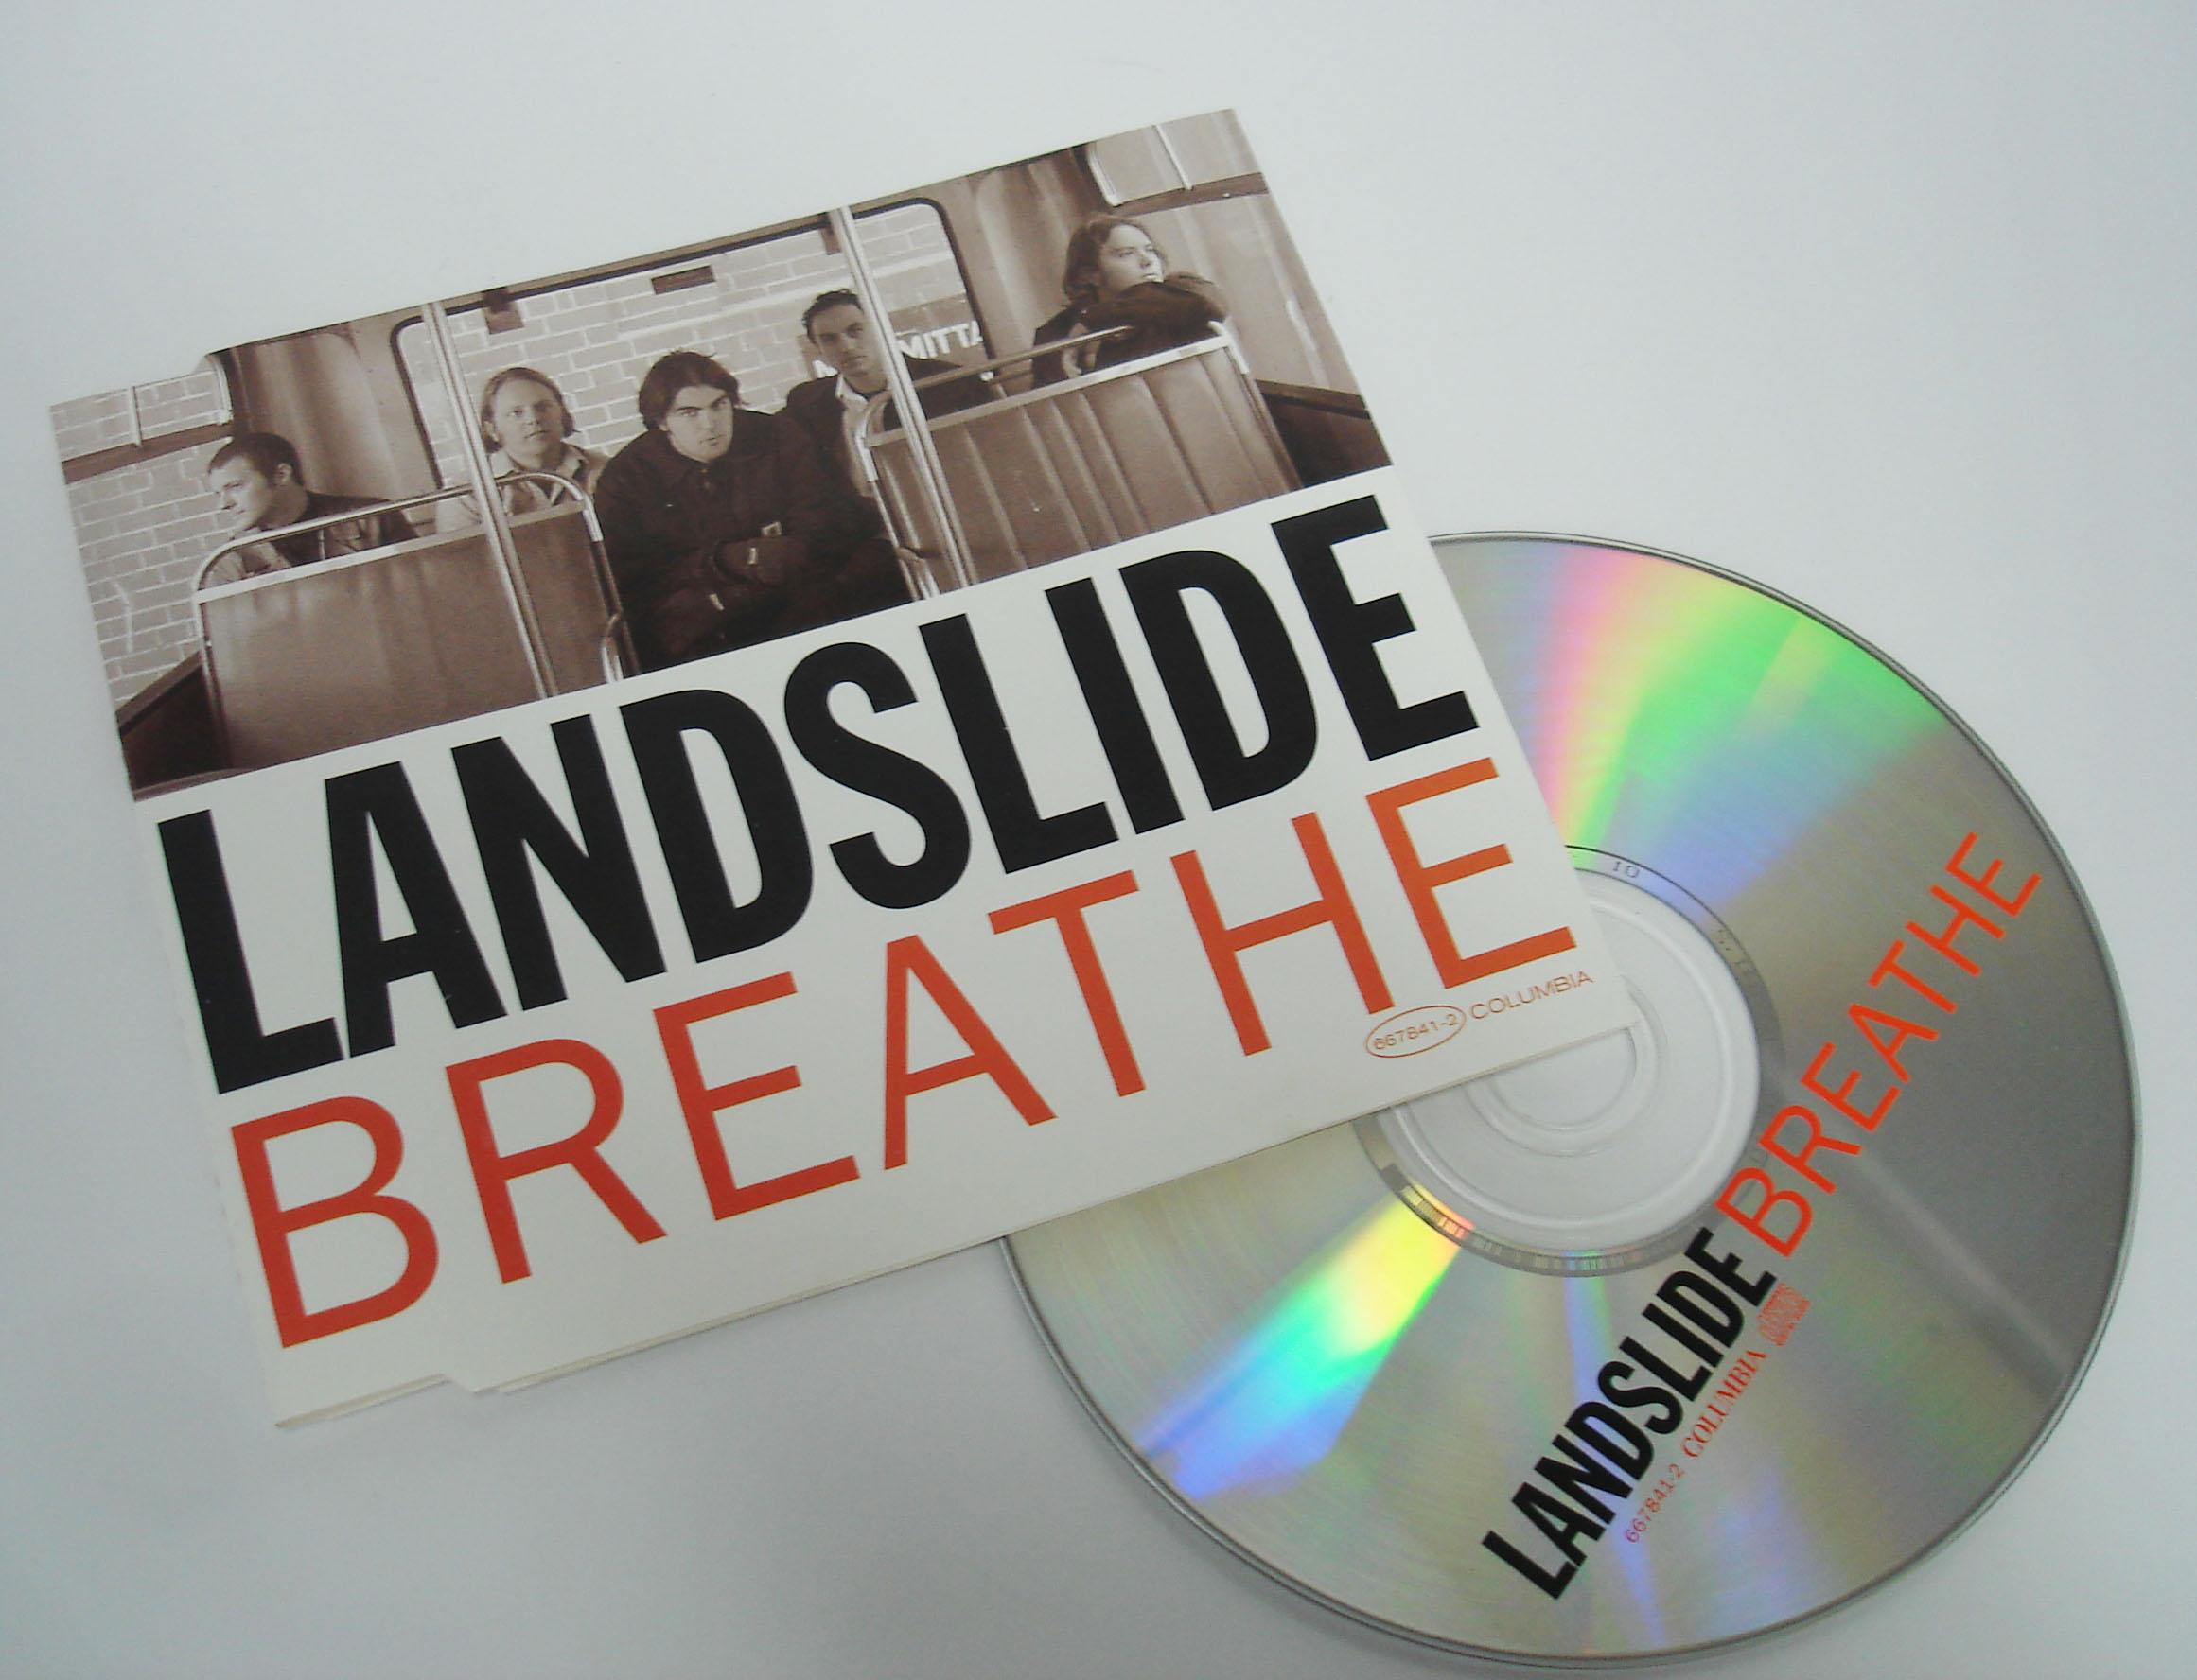 BREATHE - LANDSLIDE - SINGLE